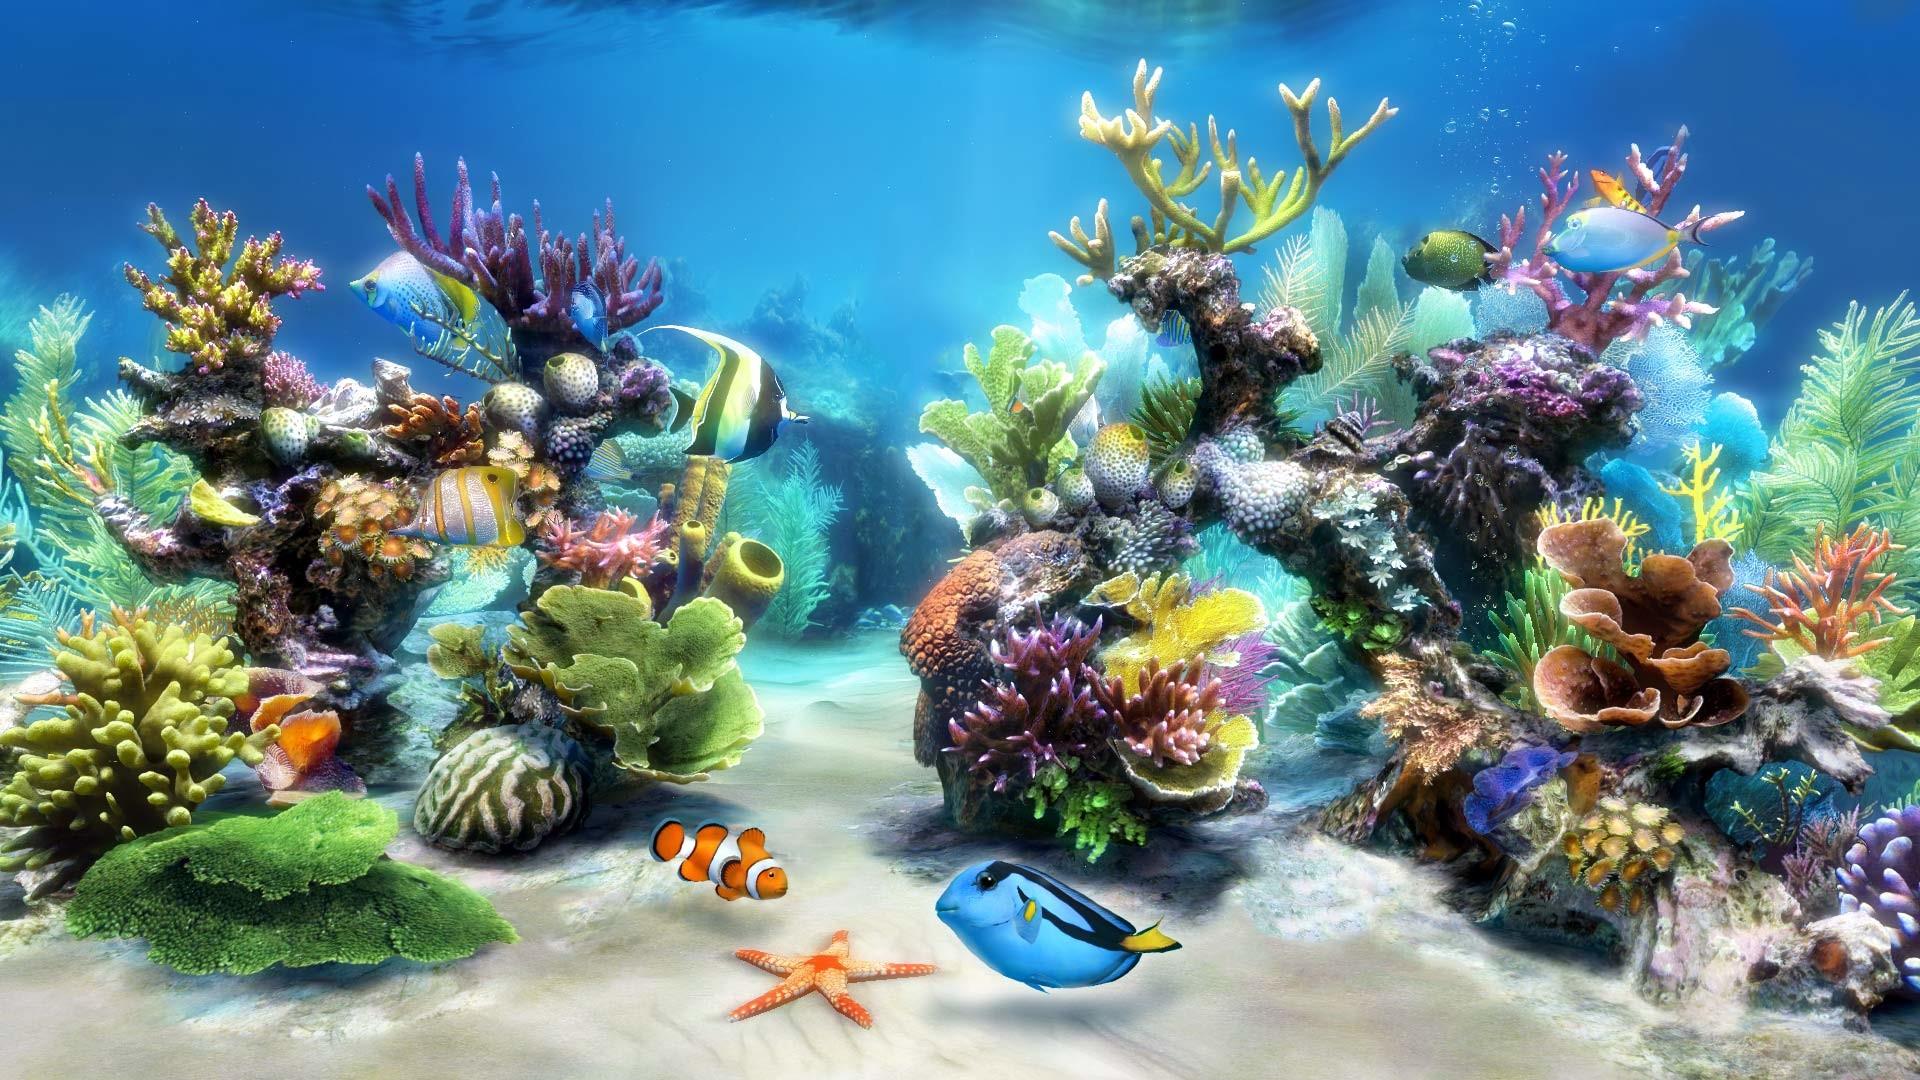 3D Fish Tank Wallpaper (59+ images)